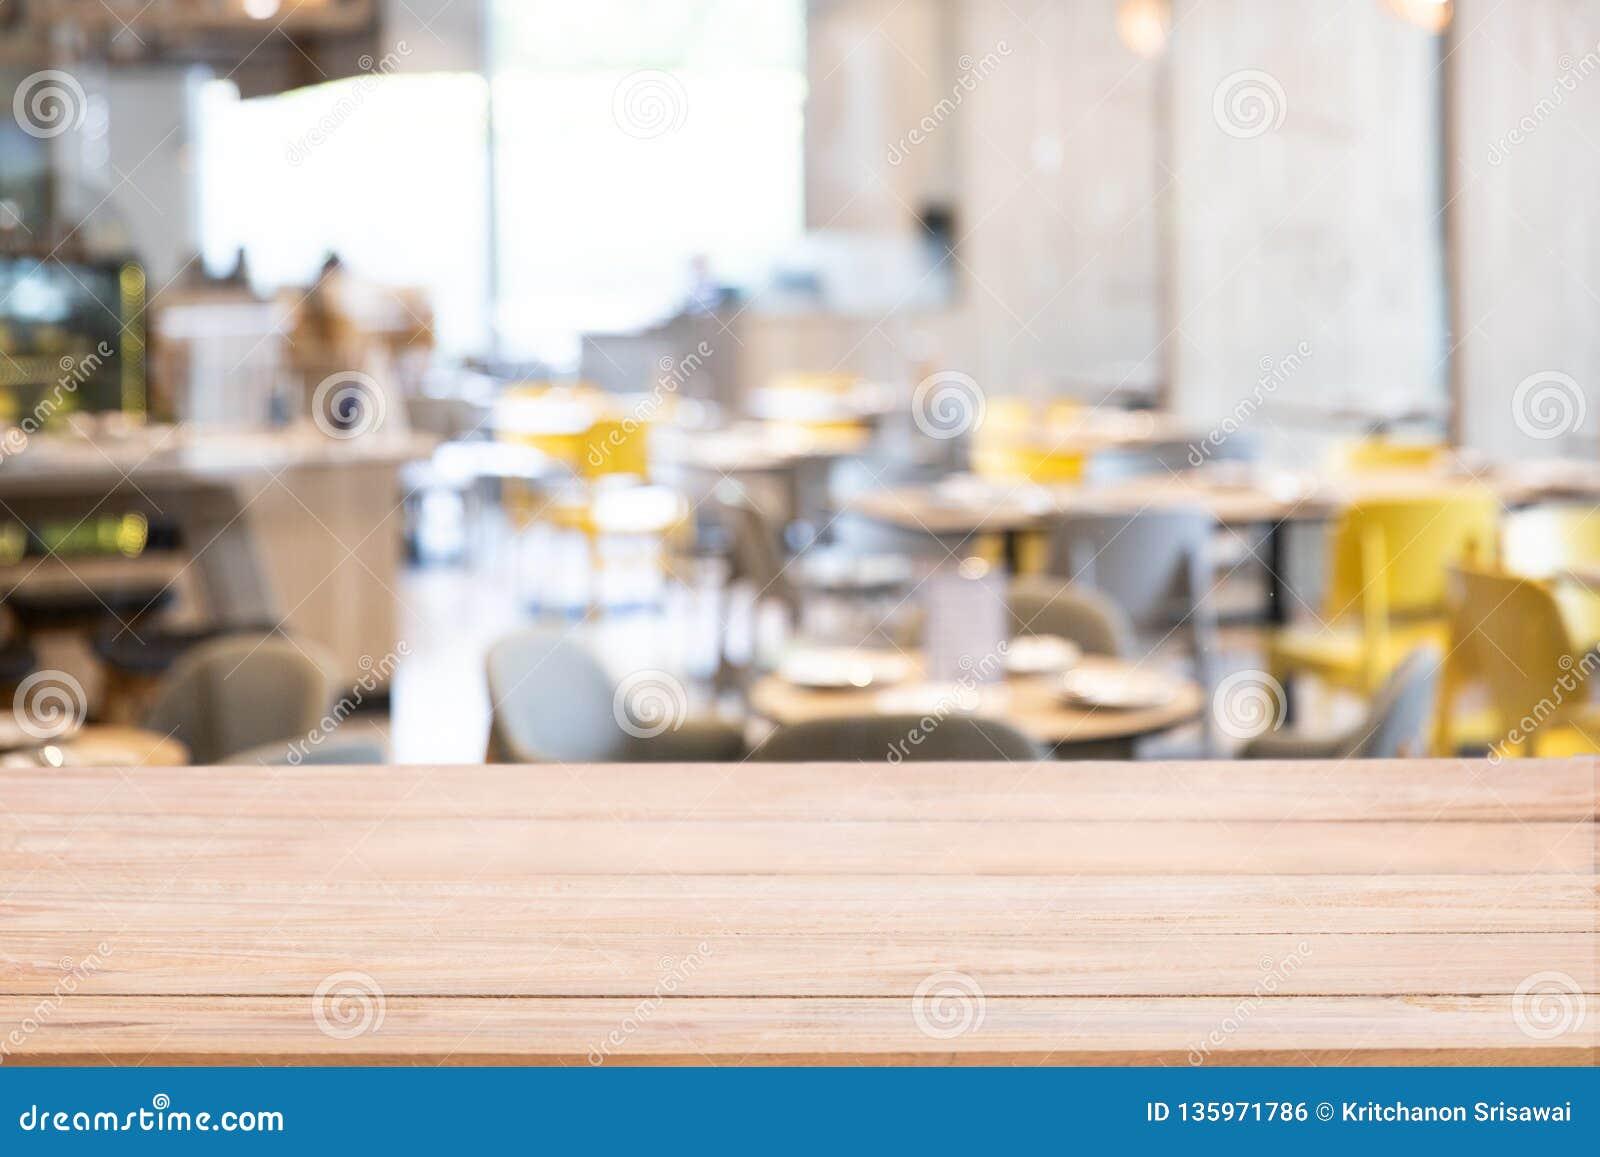 Contatore di legno del piano d appoggio con fondo defocused del fondo del ristorante, della barra o del self-service